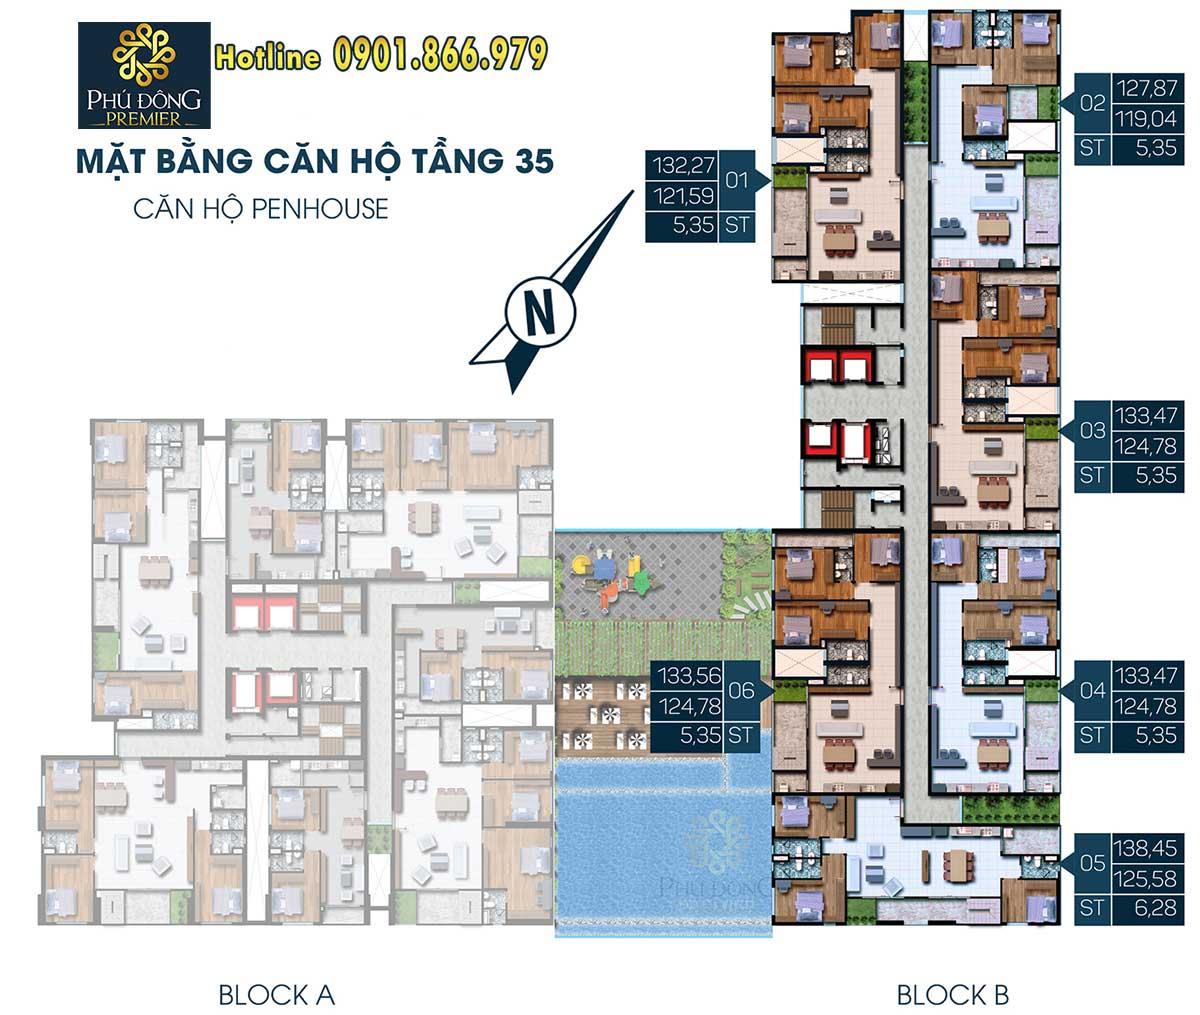 Mặt bằng mẫu Penhouse căn hộ Phú Đông Premier Block B